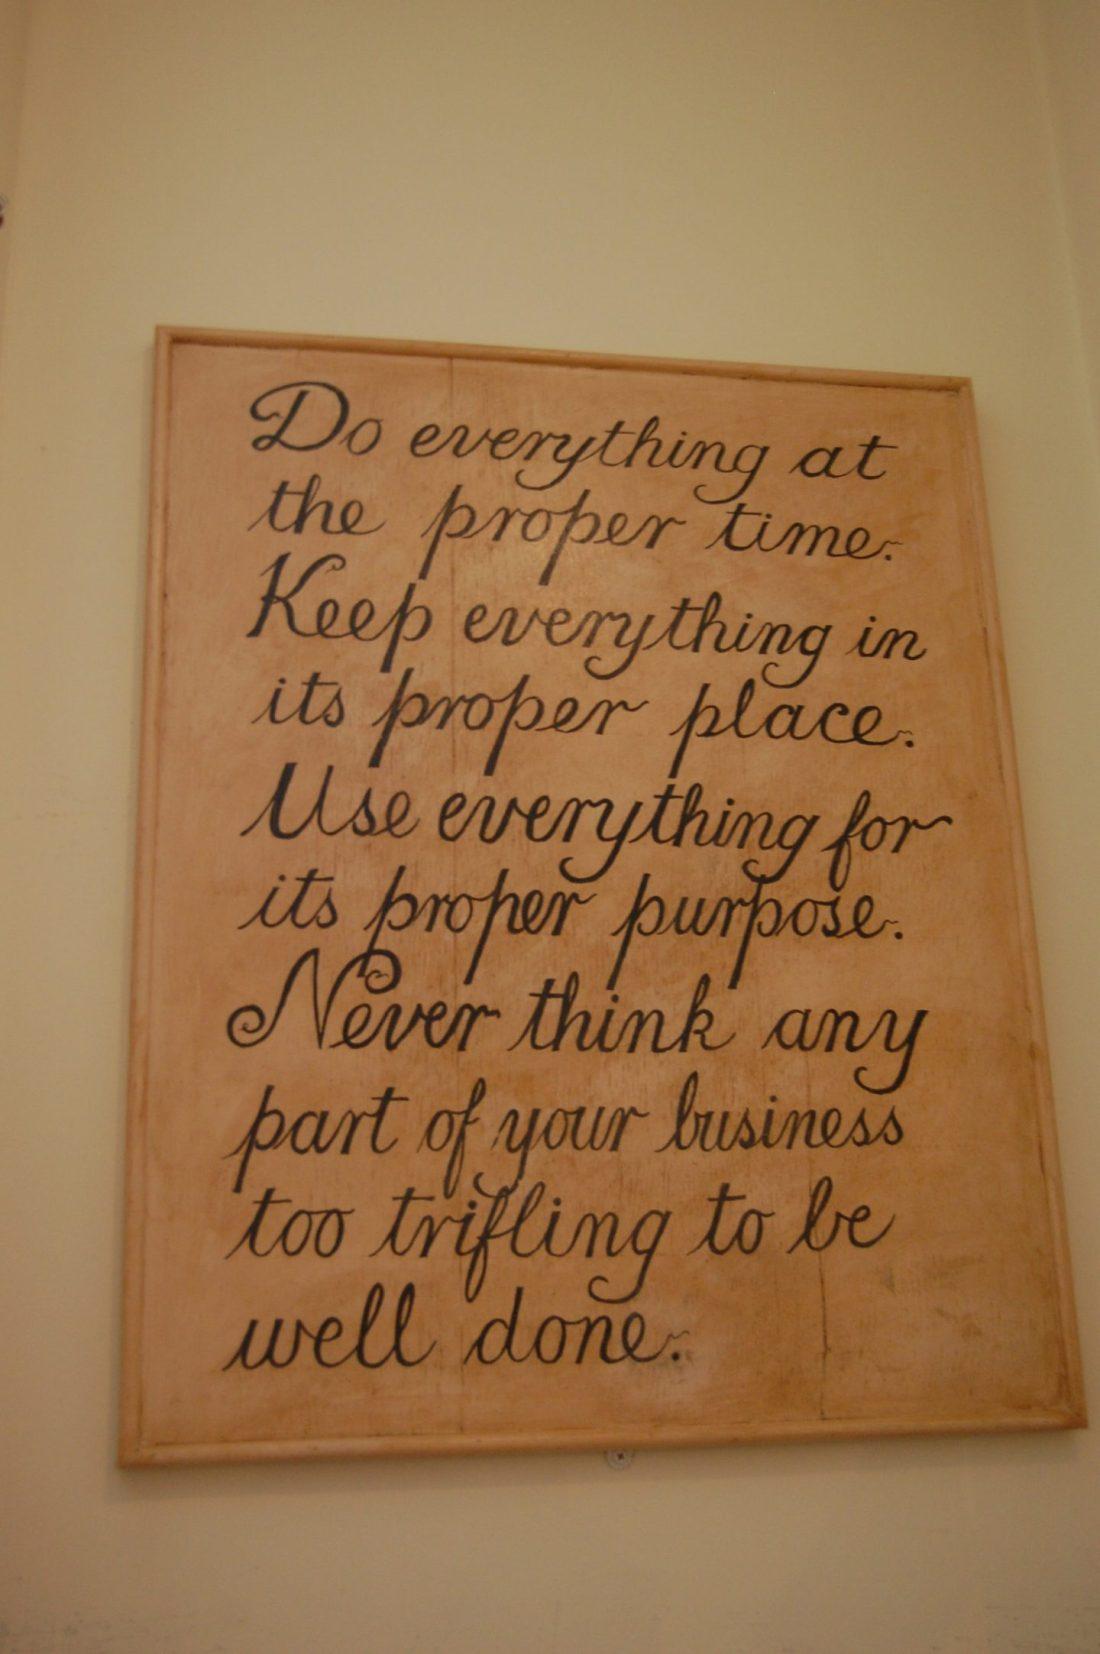 matthew boulton kitchen advice